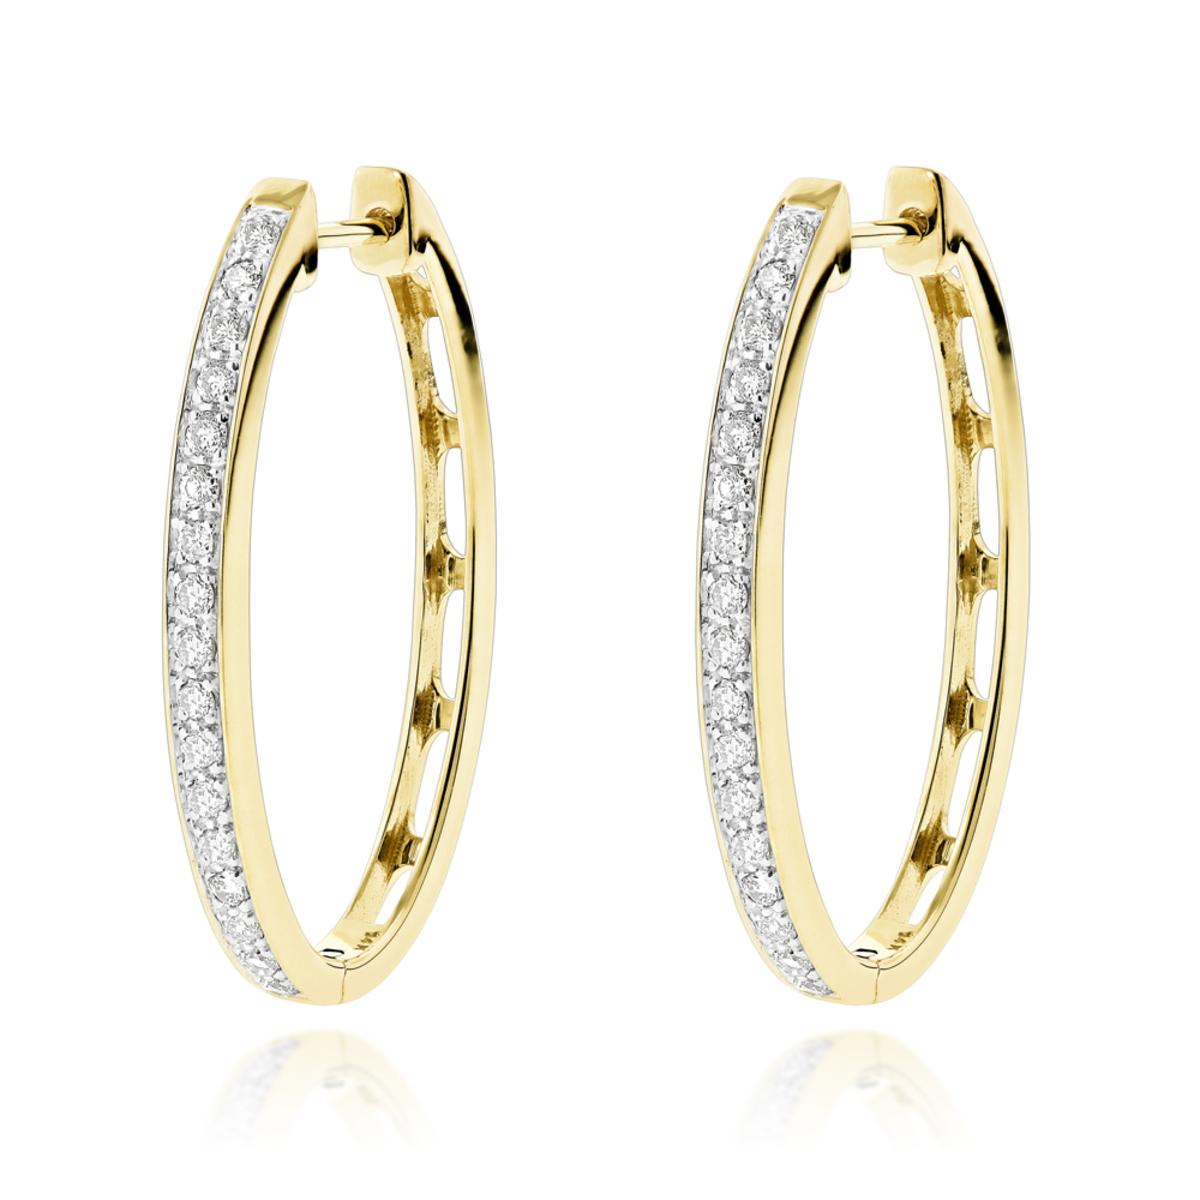 14K Gold Oval Diamond Hoop Earrings for Women 0.71ct